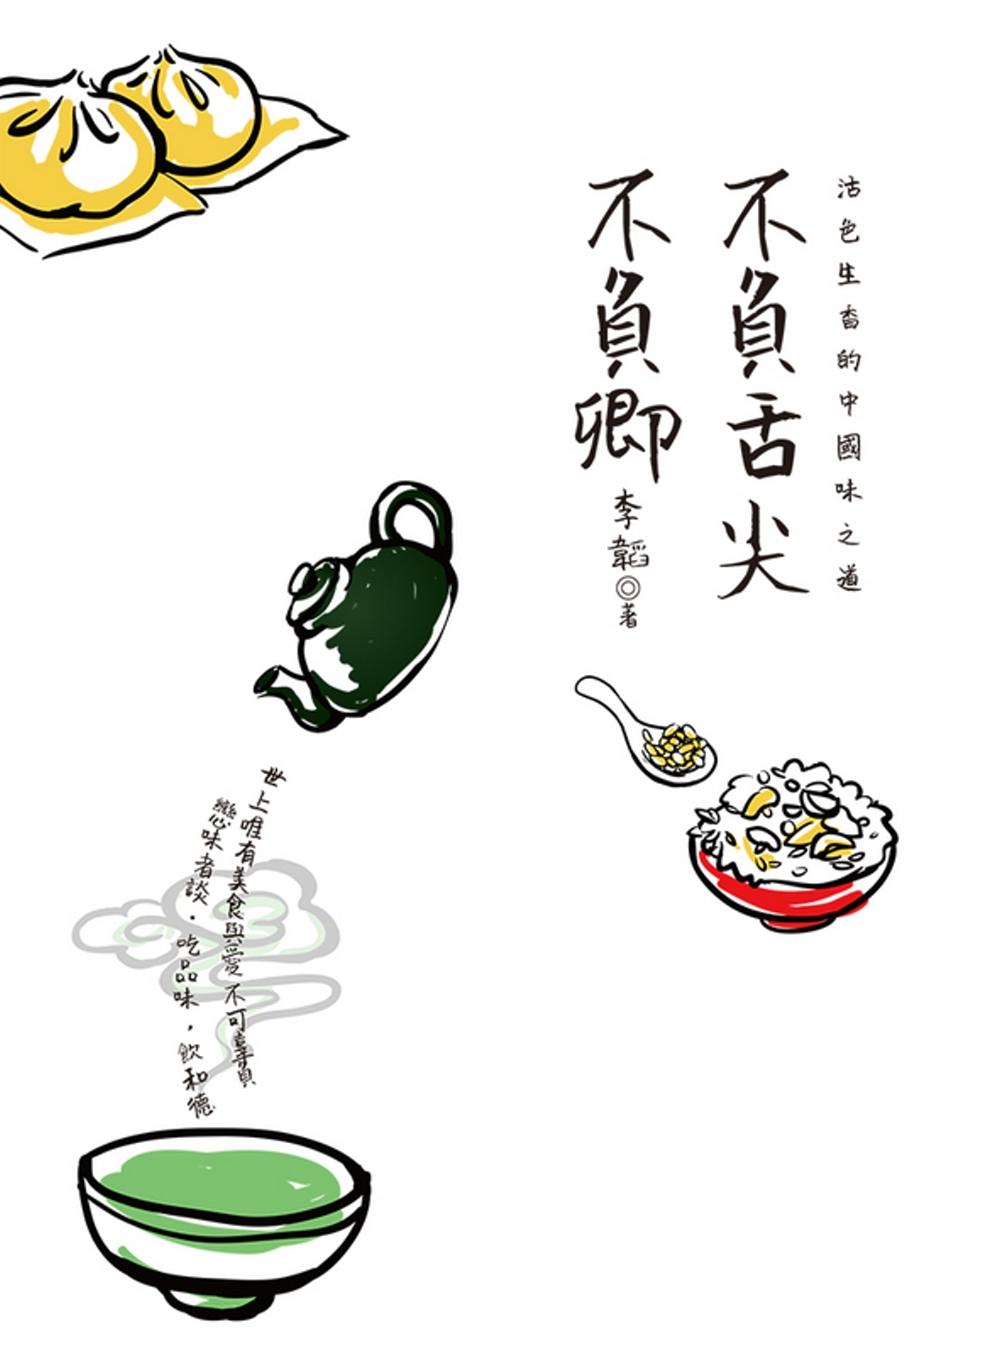 不負舌尖不負卿:活色生香的中國味之道